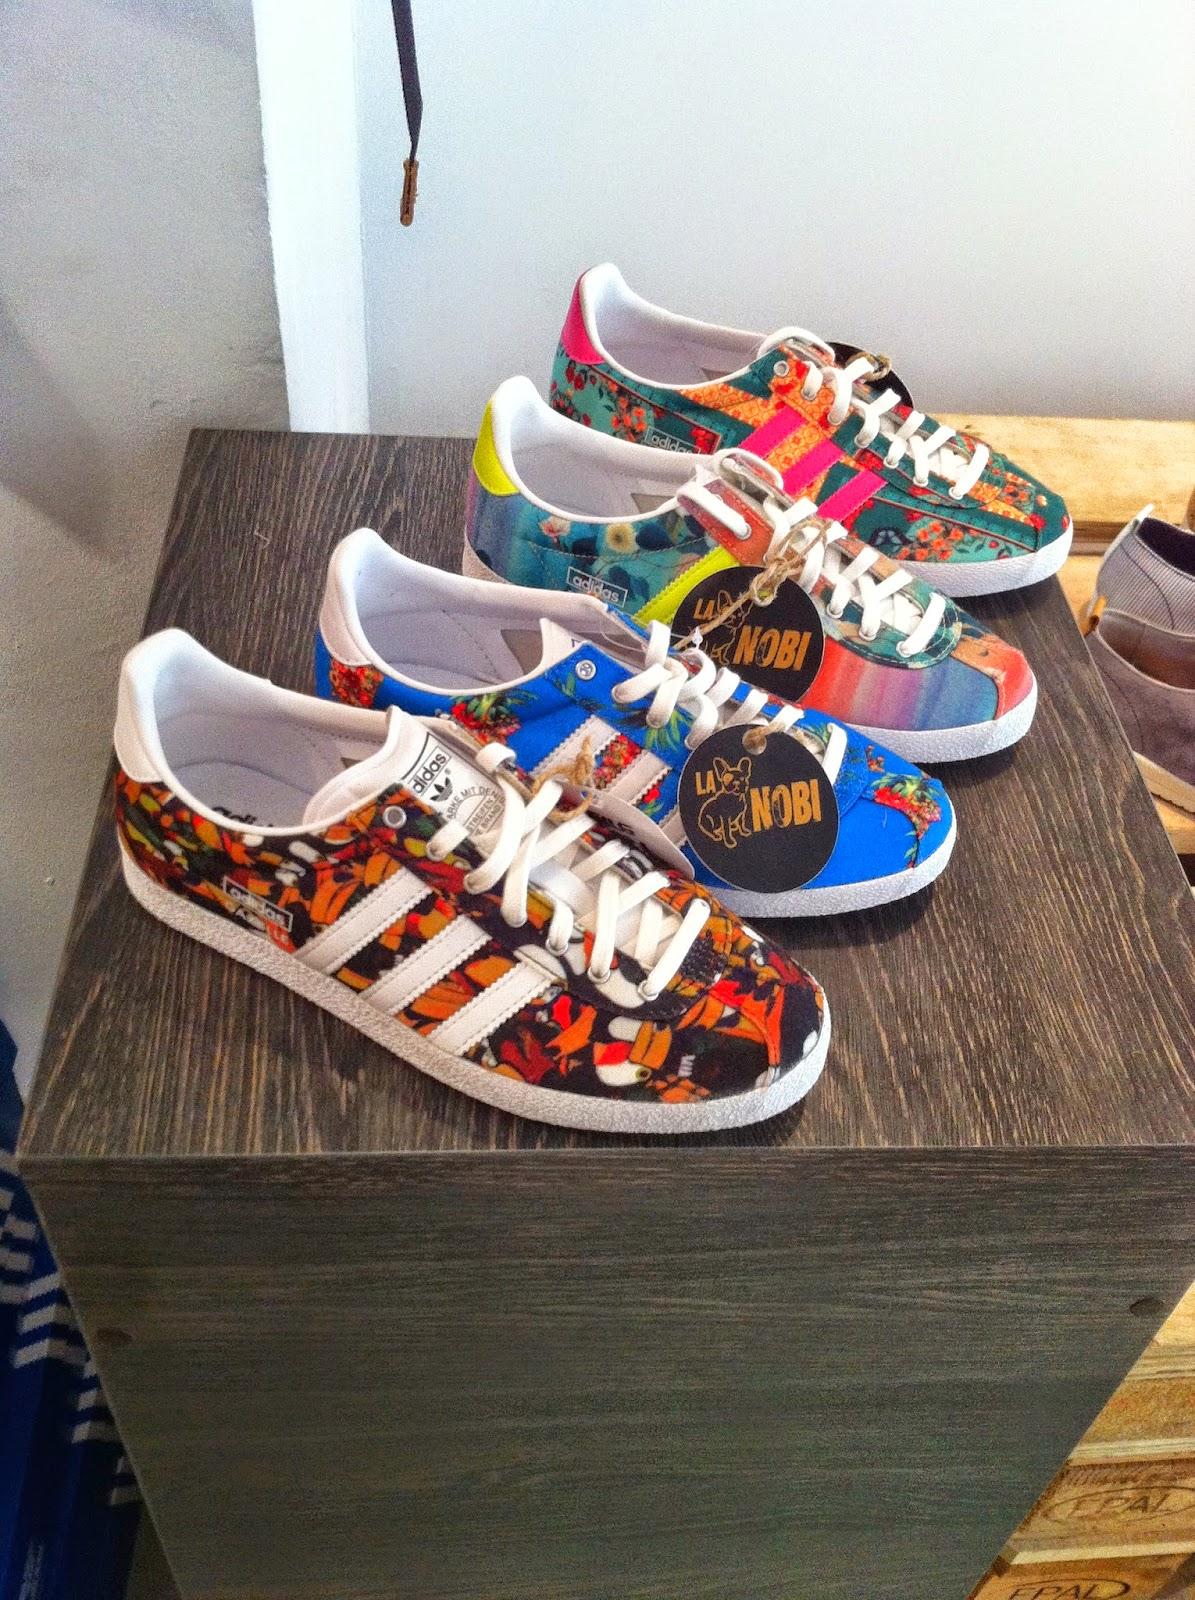 Las sneakers bien colocadas para la venta